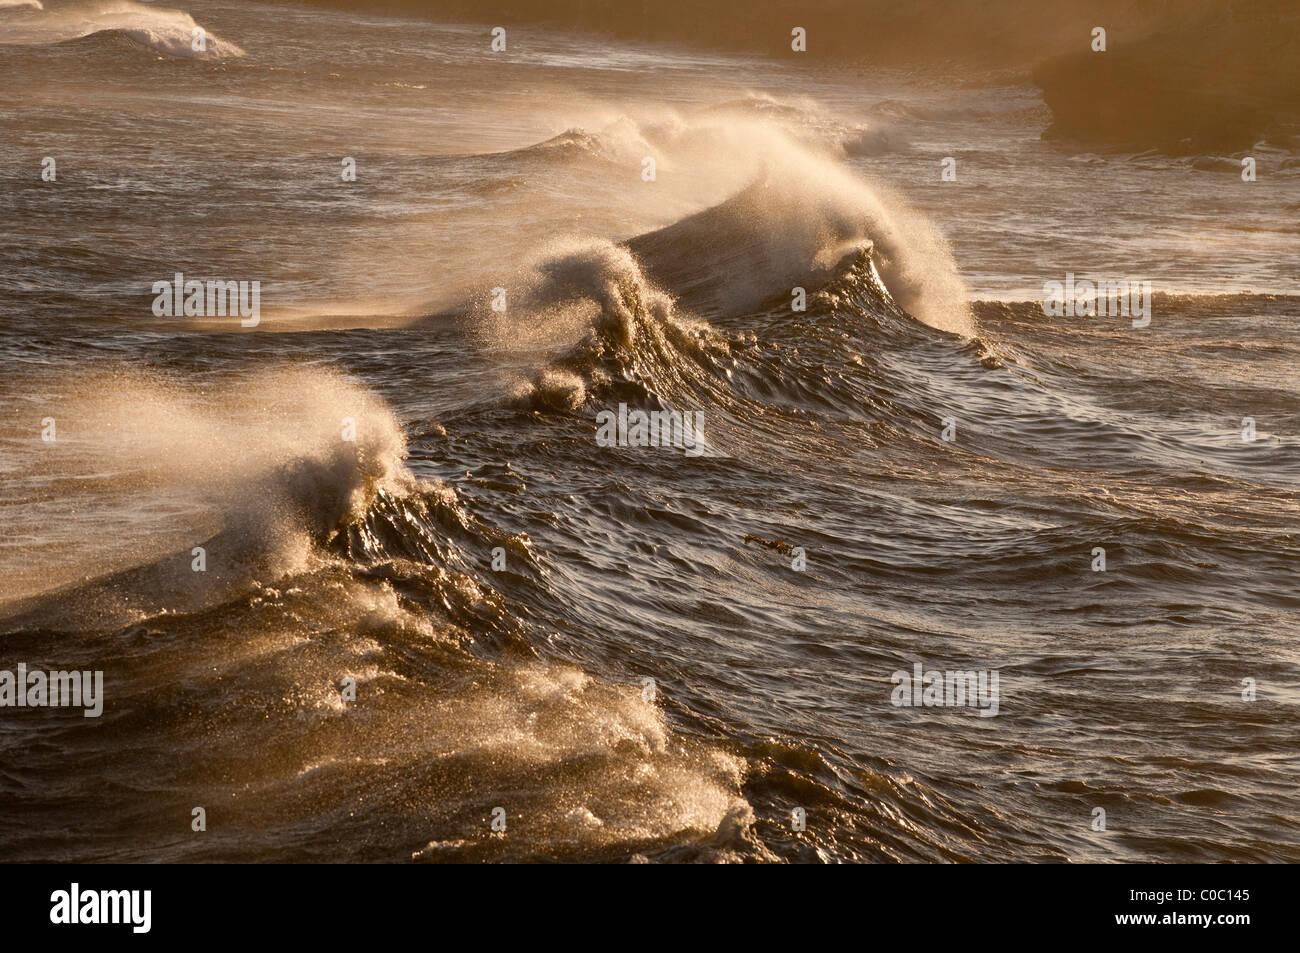 Wild waves at Punto San Carlos, Baja California, Mexico - Stock Image